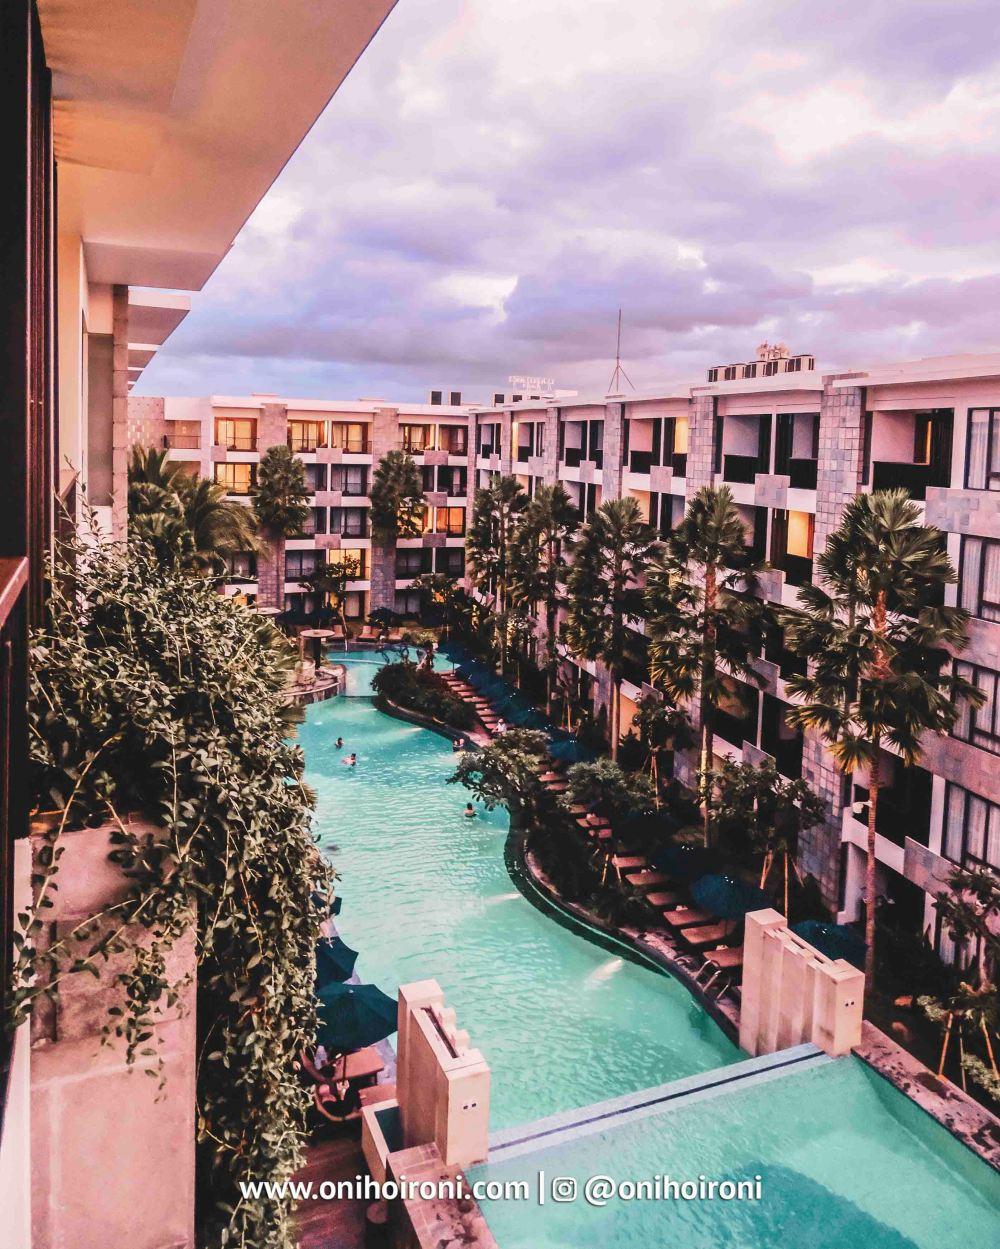 20 Swimming Pool Courtyard Seminyak.jpg